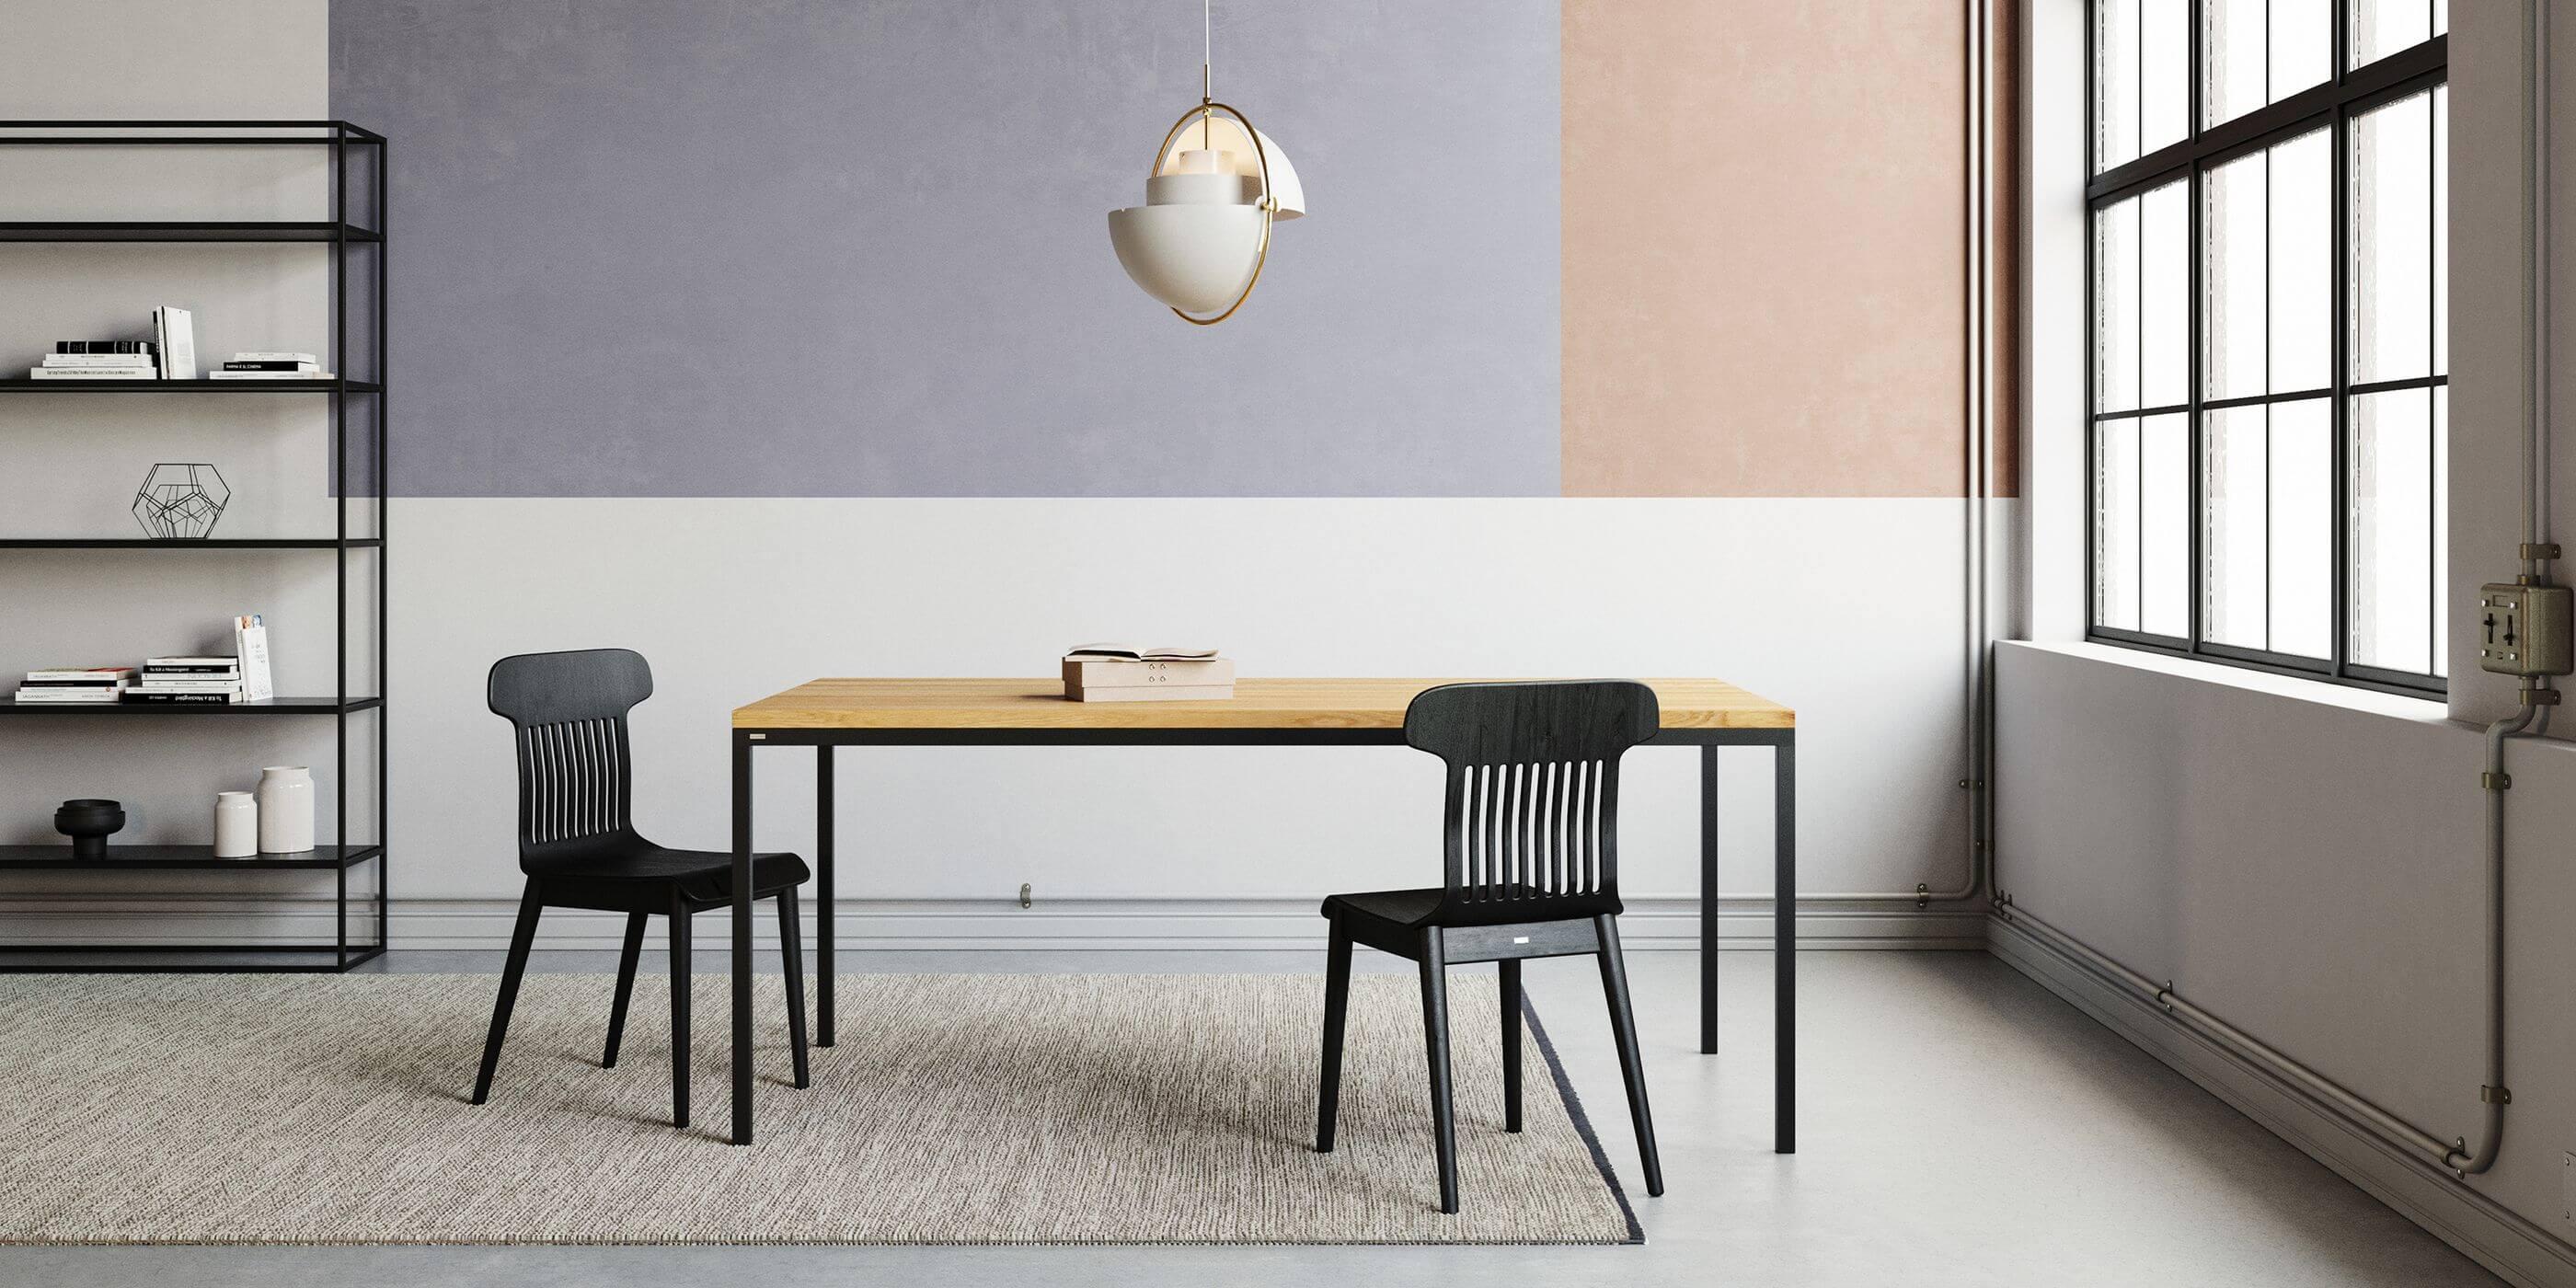 czarny stol industrialny z debowym blatem